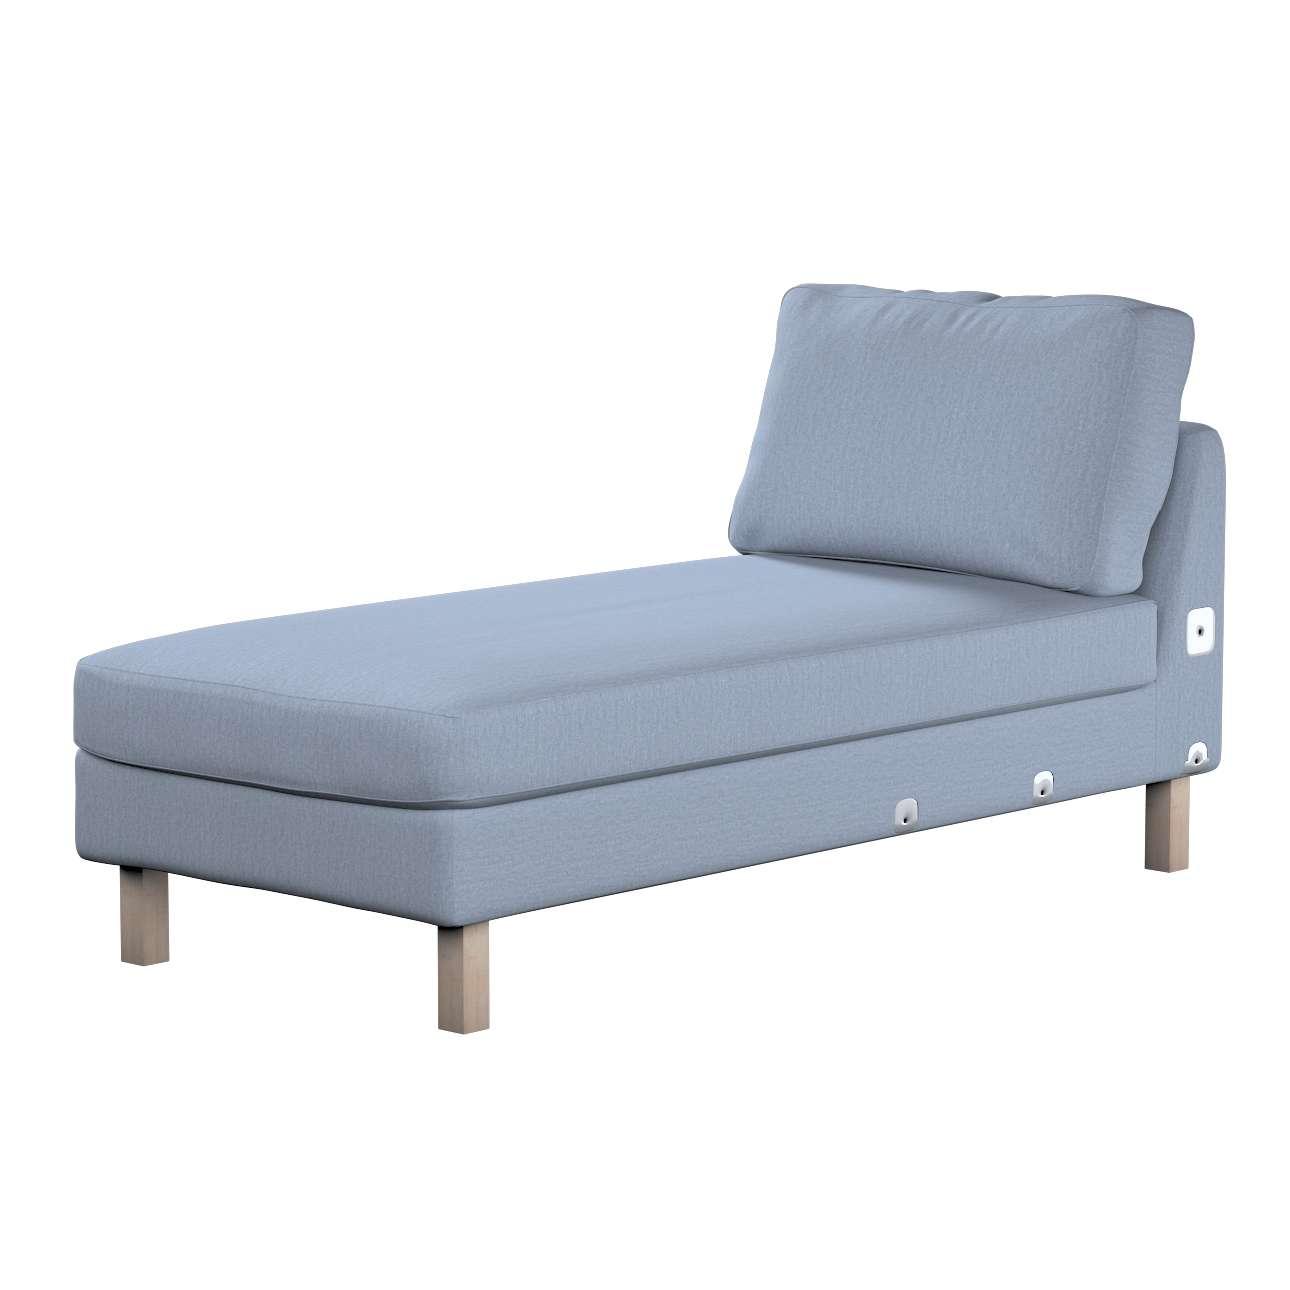 KARSLTAD sofos gulimojo krėslo užvalkalas Karlstad add-on unit cover kolekcijoje Chenille, audinys: 702-13